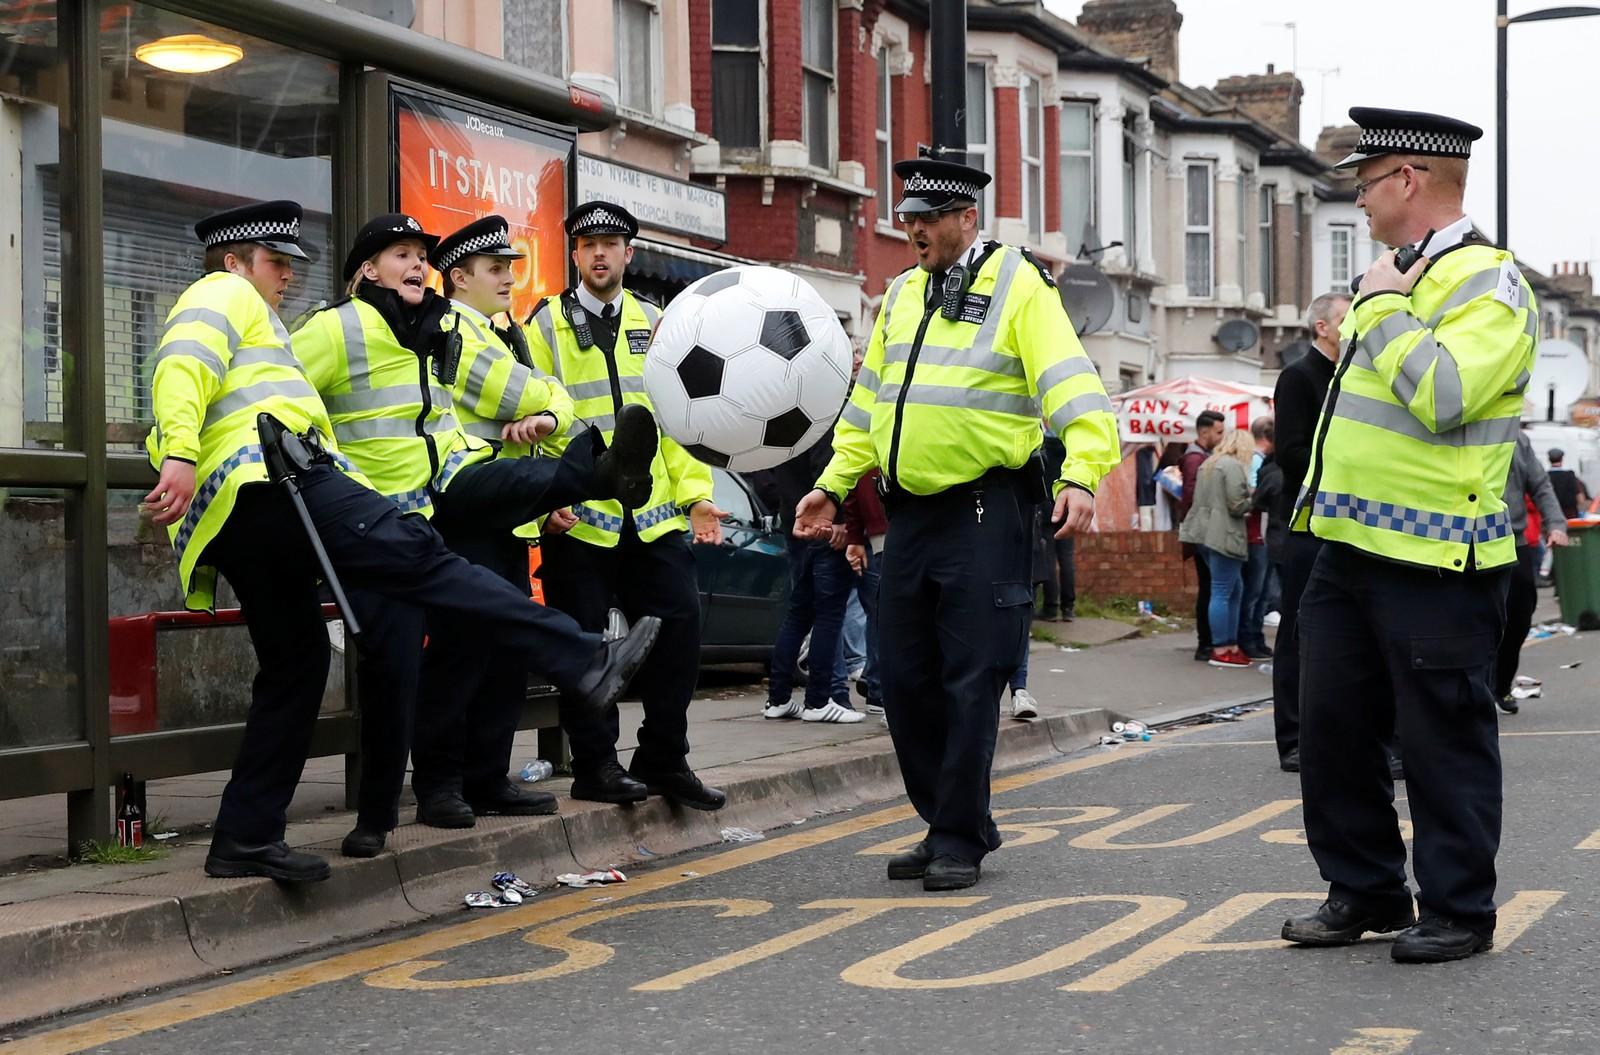 Politiet måtte beskytte bortelaget og kampstart ble utsatt da West Ham og Manchester United skulle spille den aller siste kampen på Boleyn Ground. Dette bildet ble imidlertid tatt under et roligere øyeblikk.